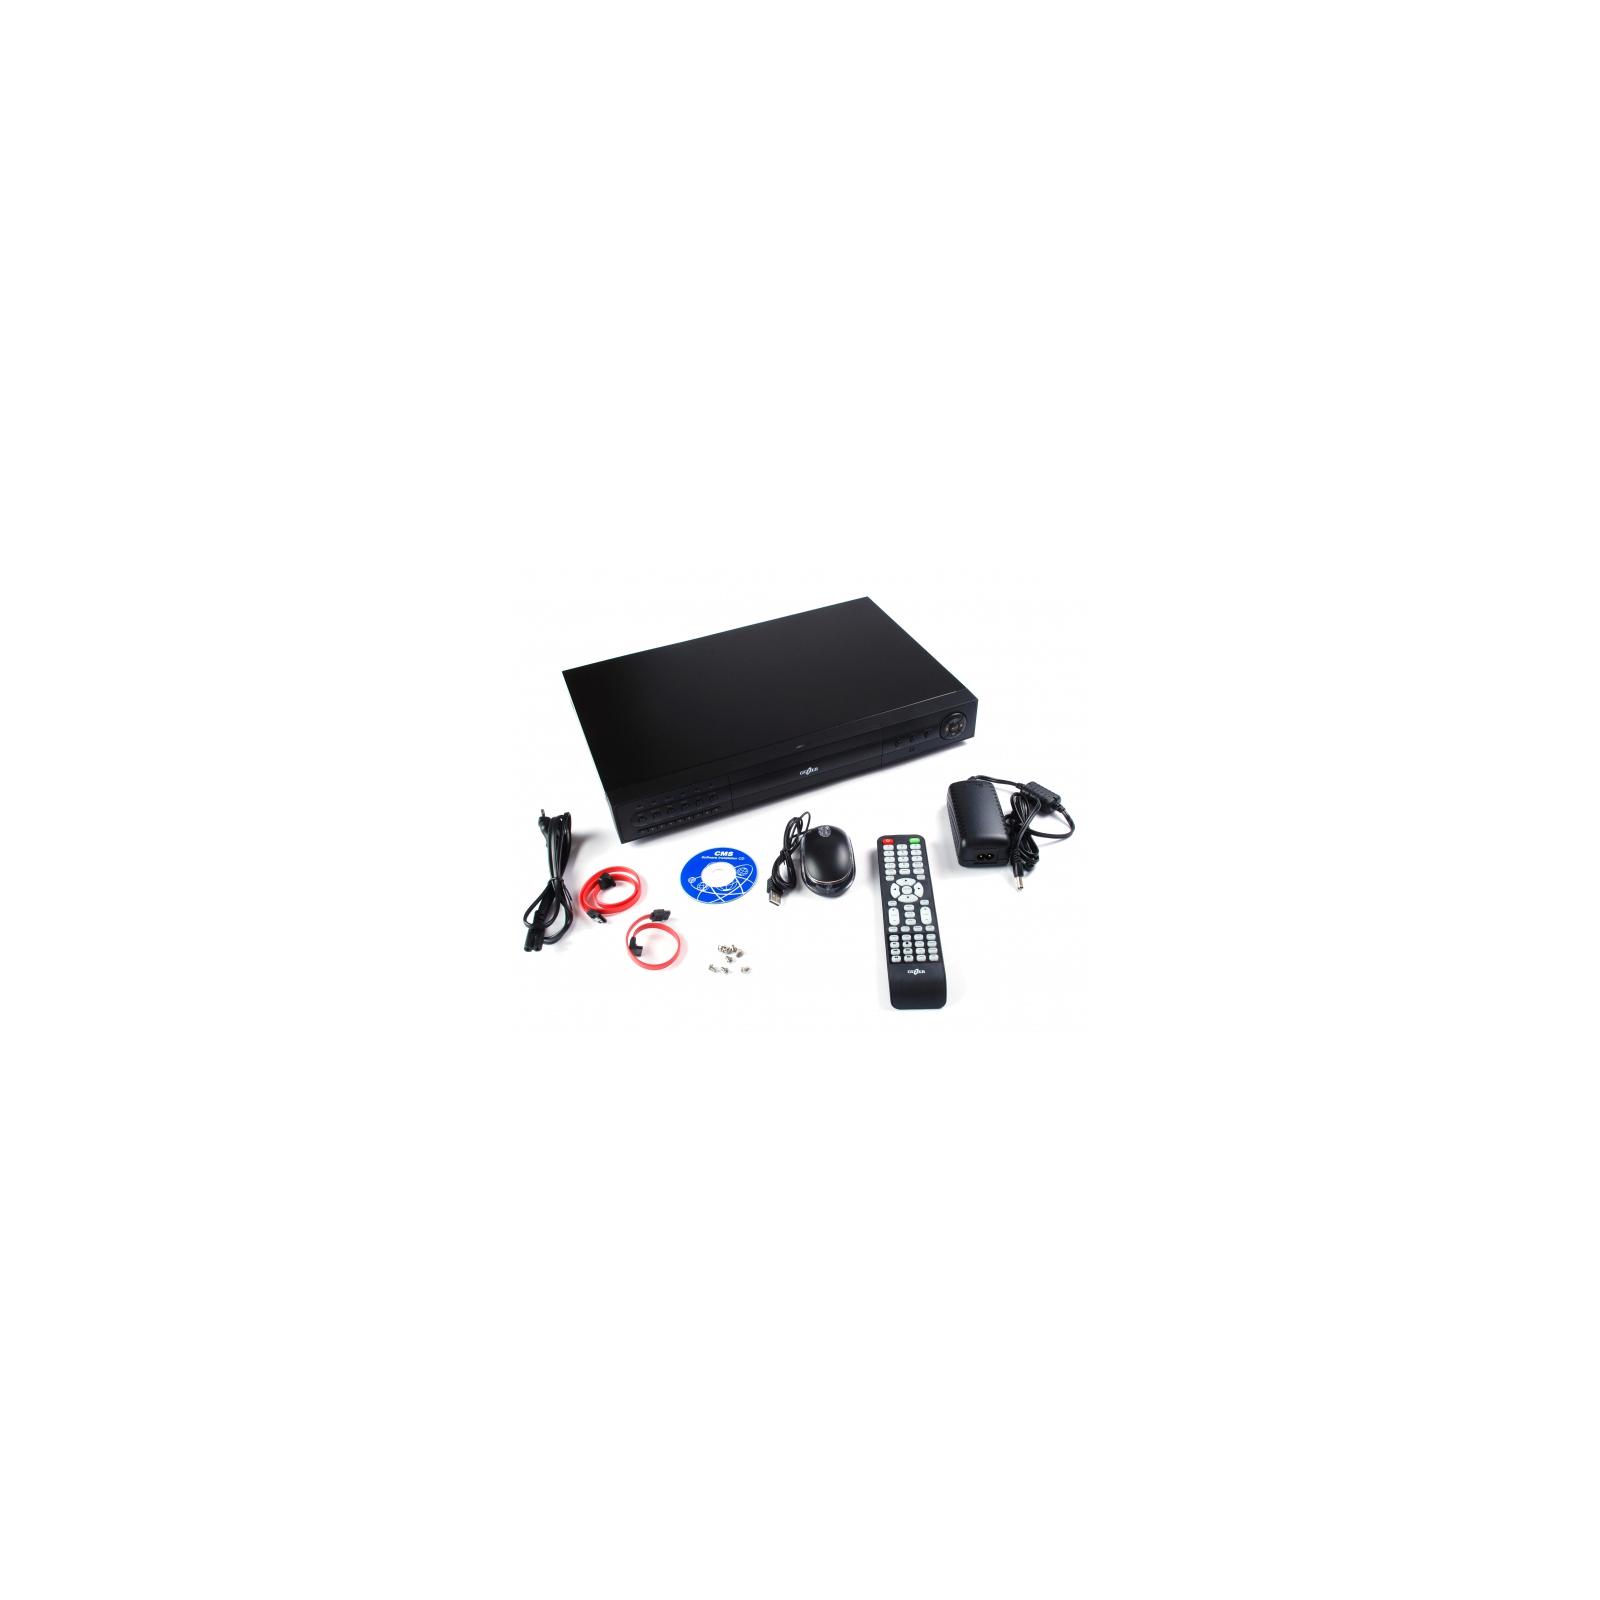 Регистратор для видеонаблюдения Gazer NI404m изображение 8